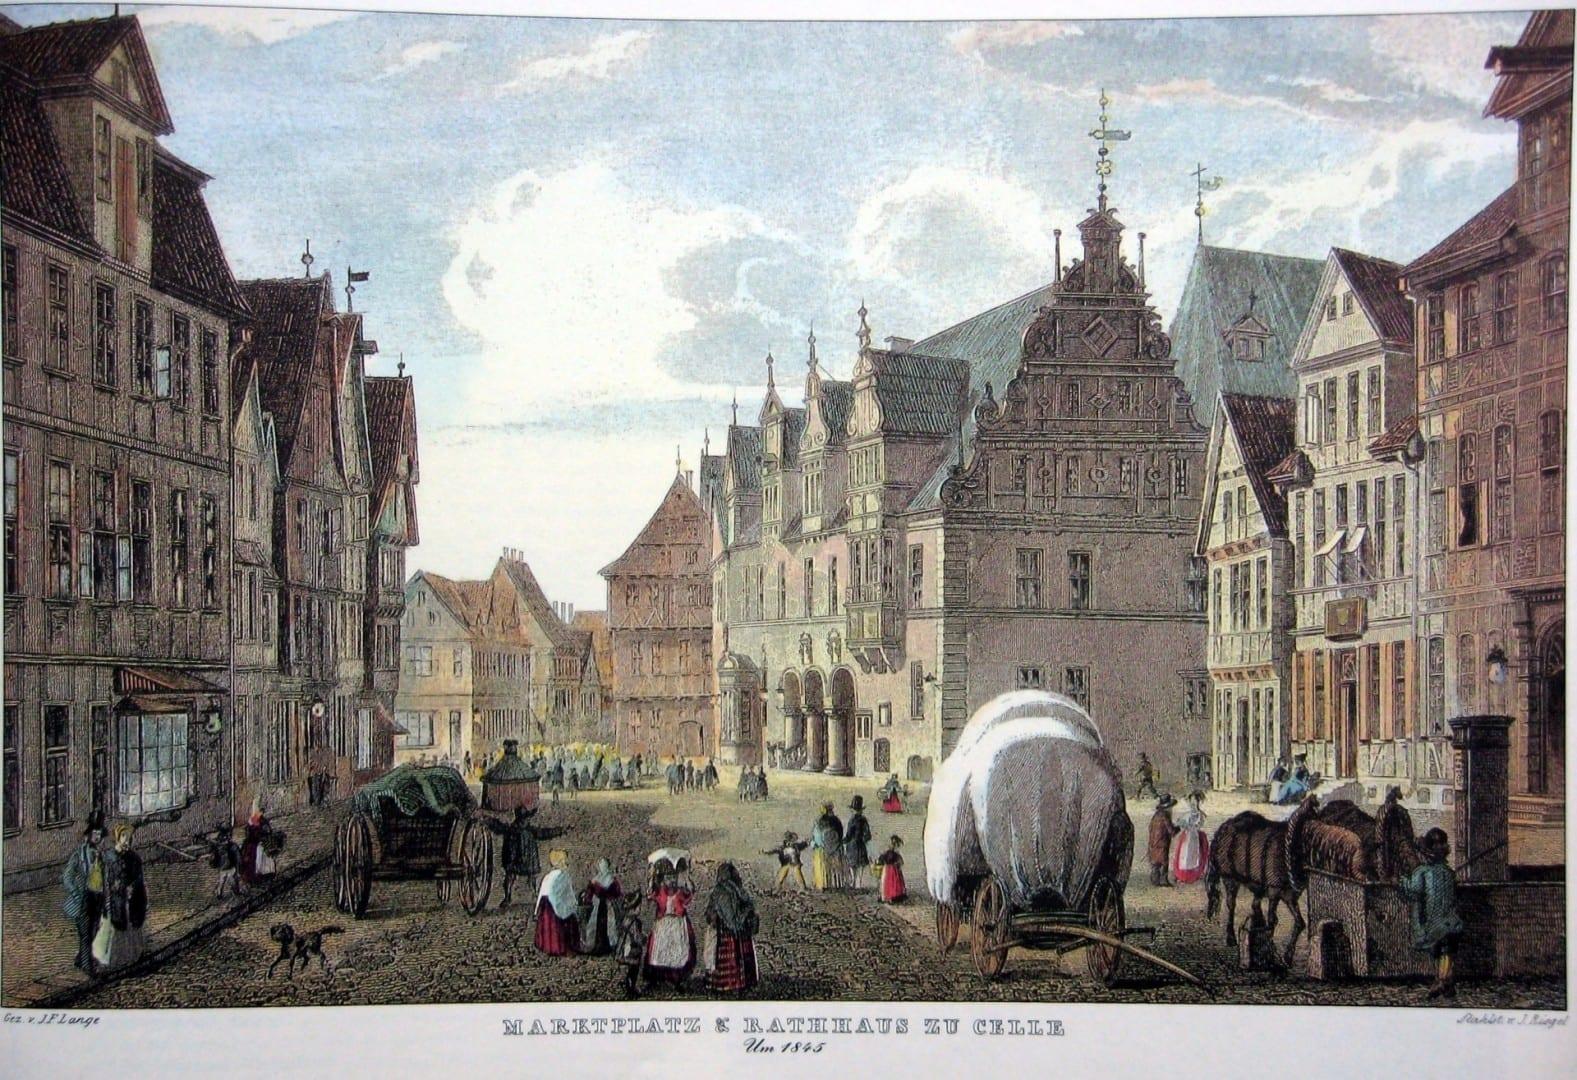 El mercado de Celle alrededor de 1845 Celle Alemania